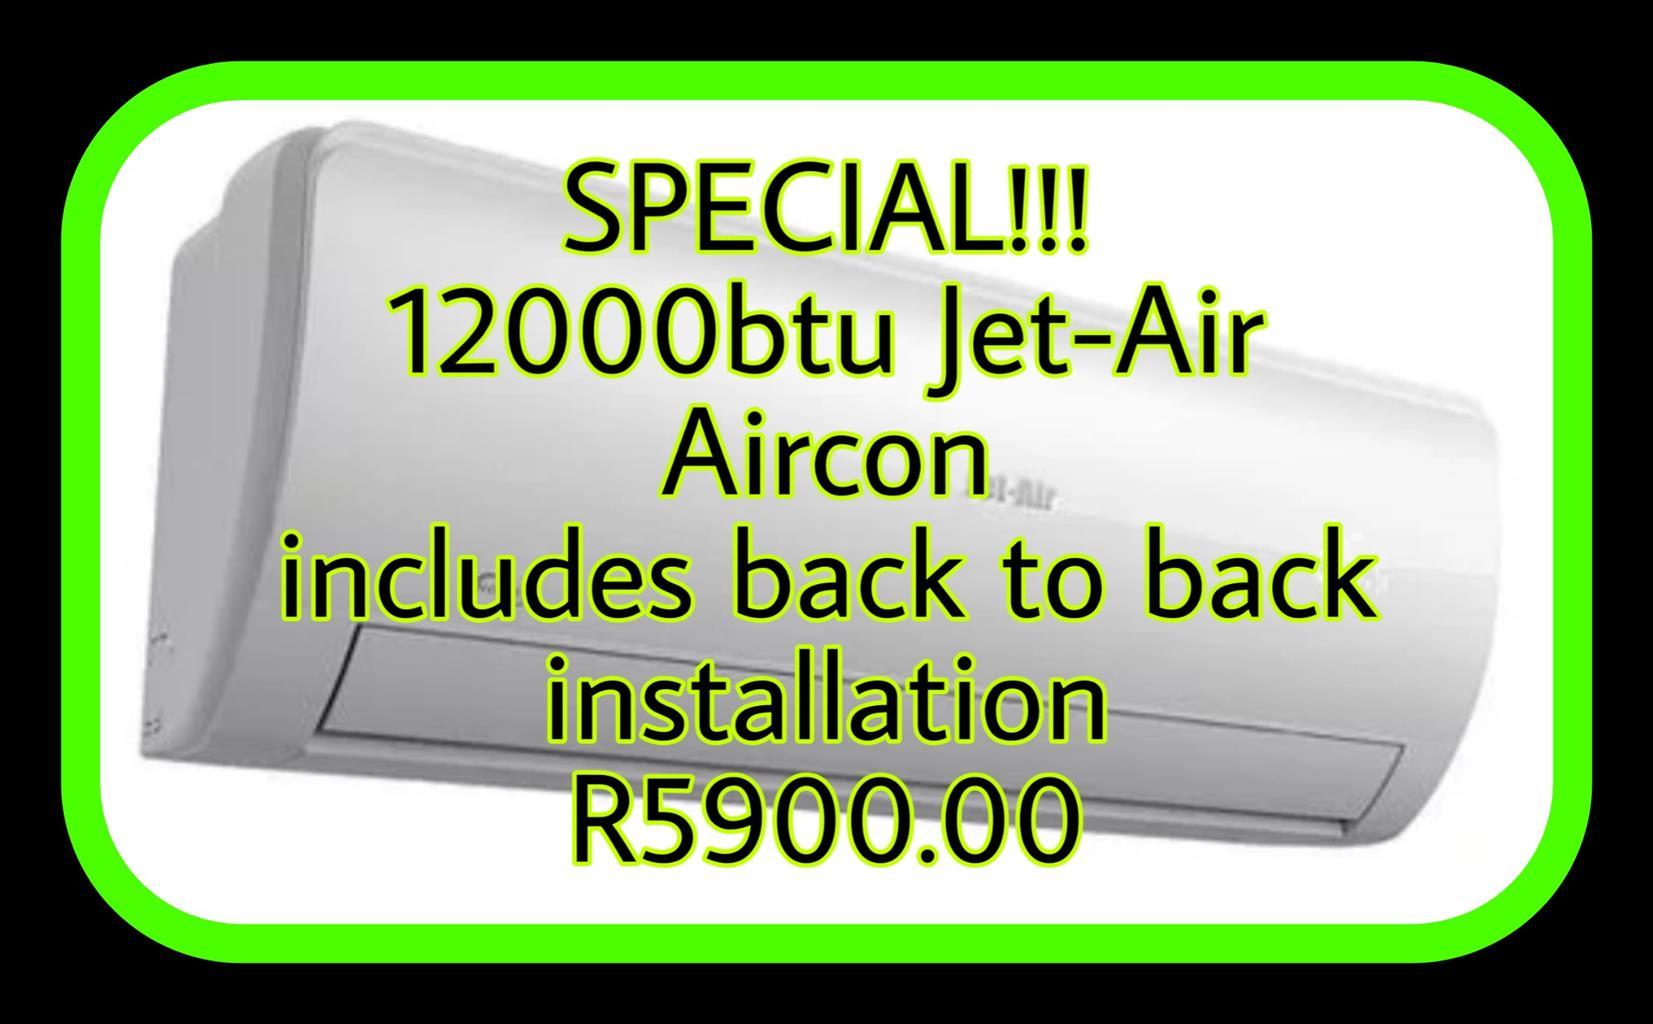 Aircon specials